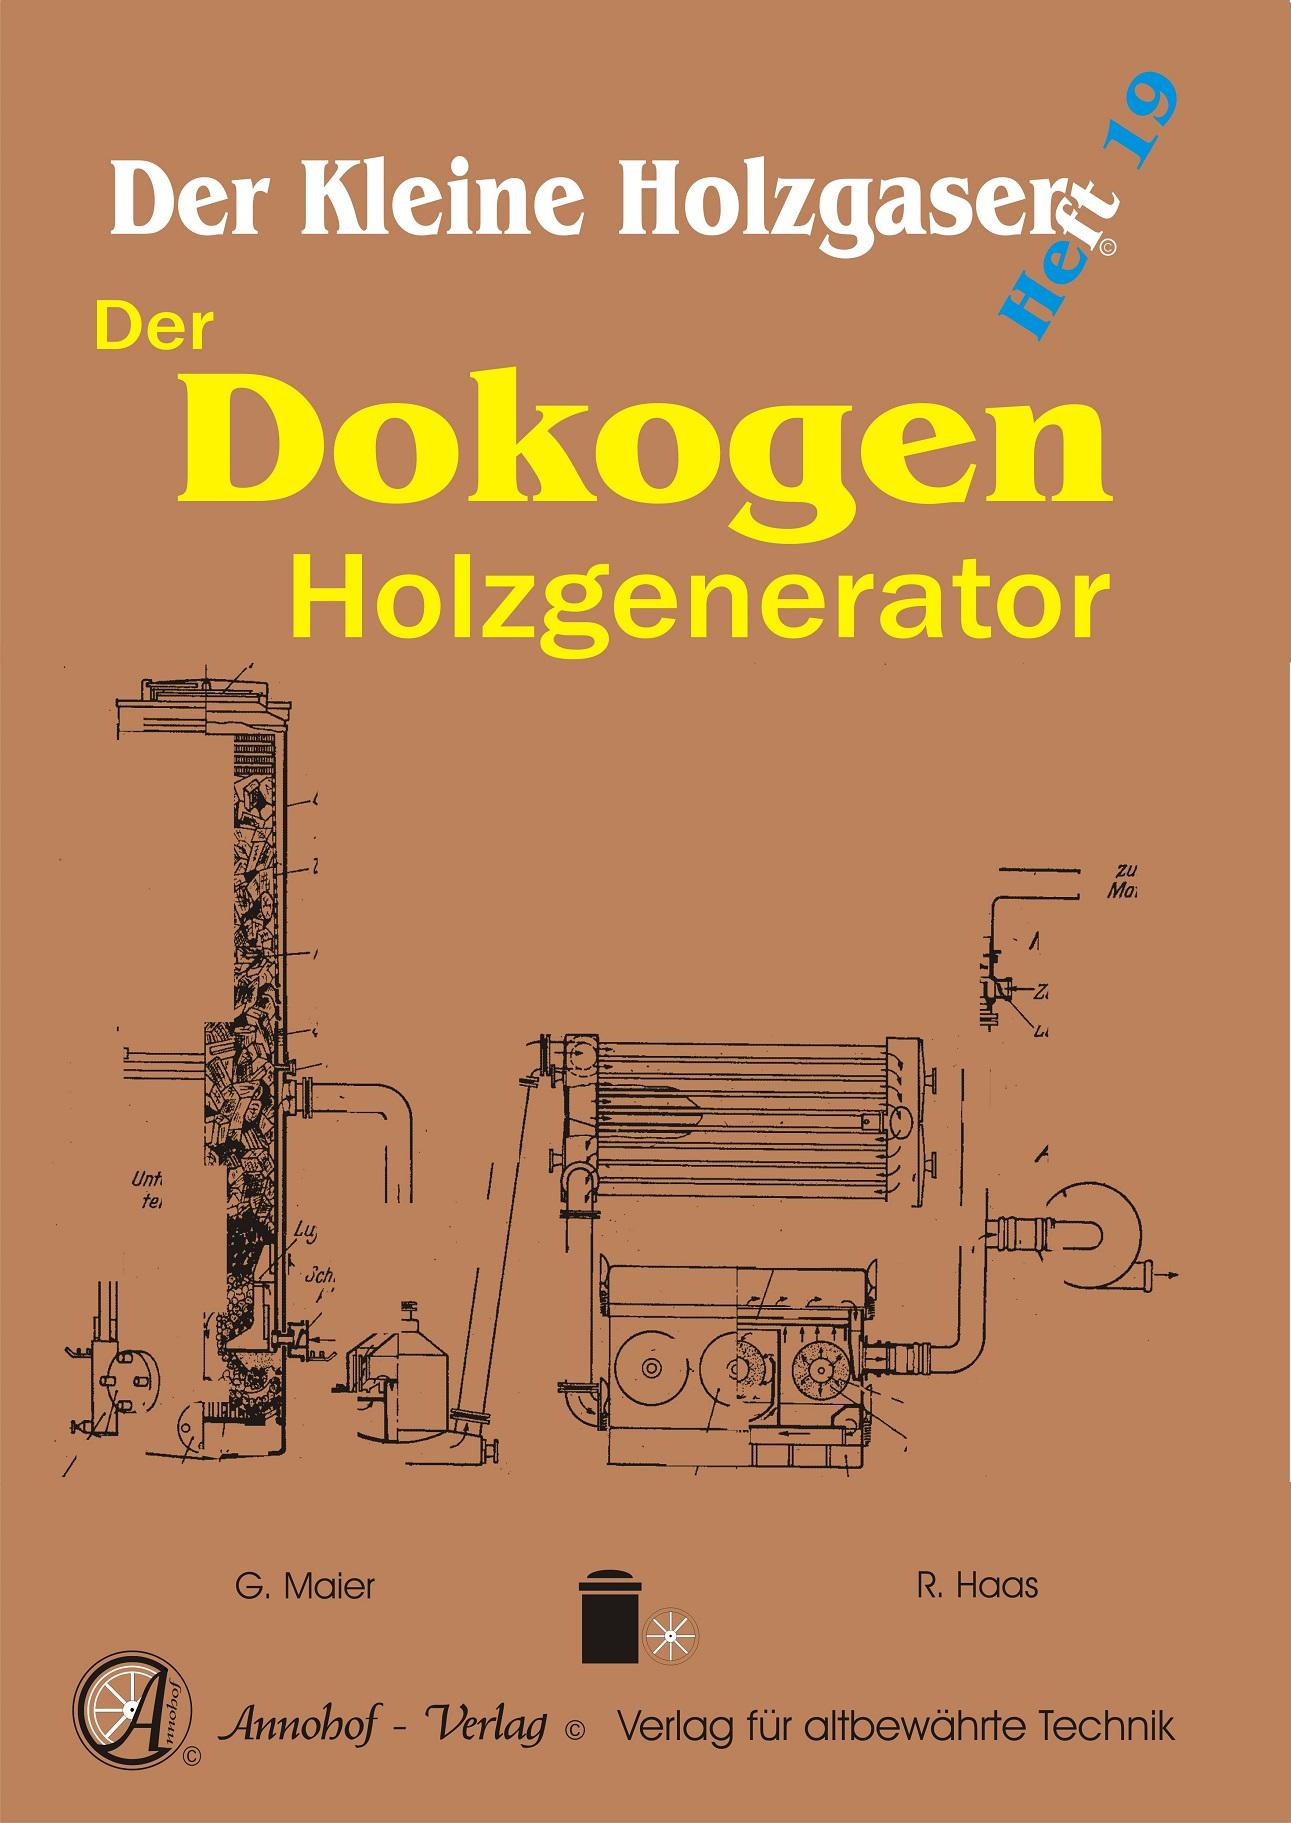 Holzgenerator